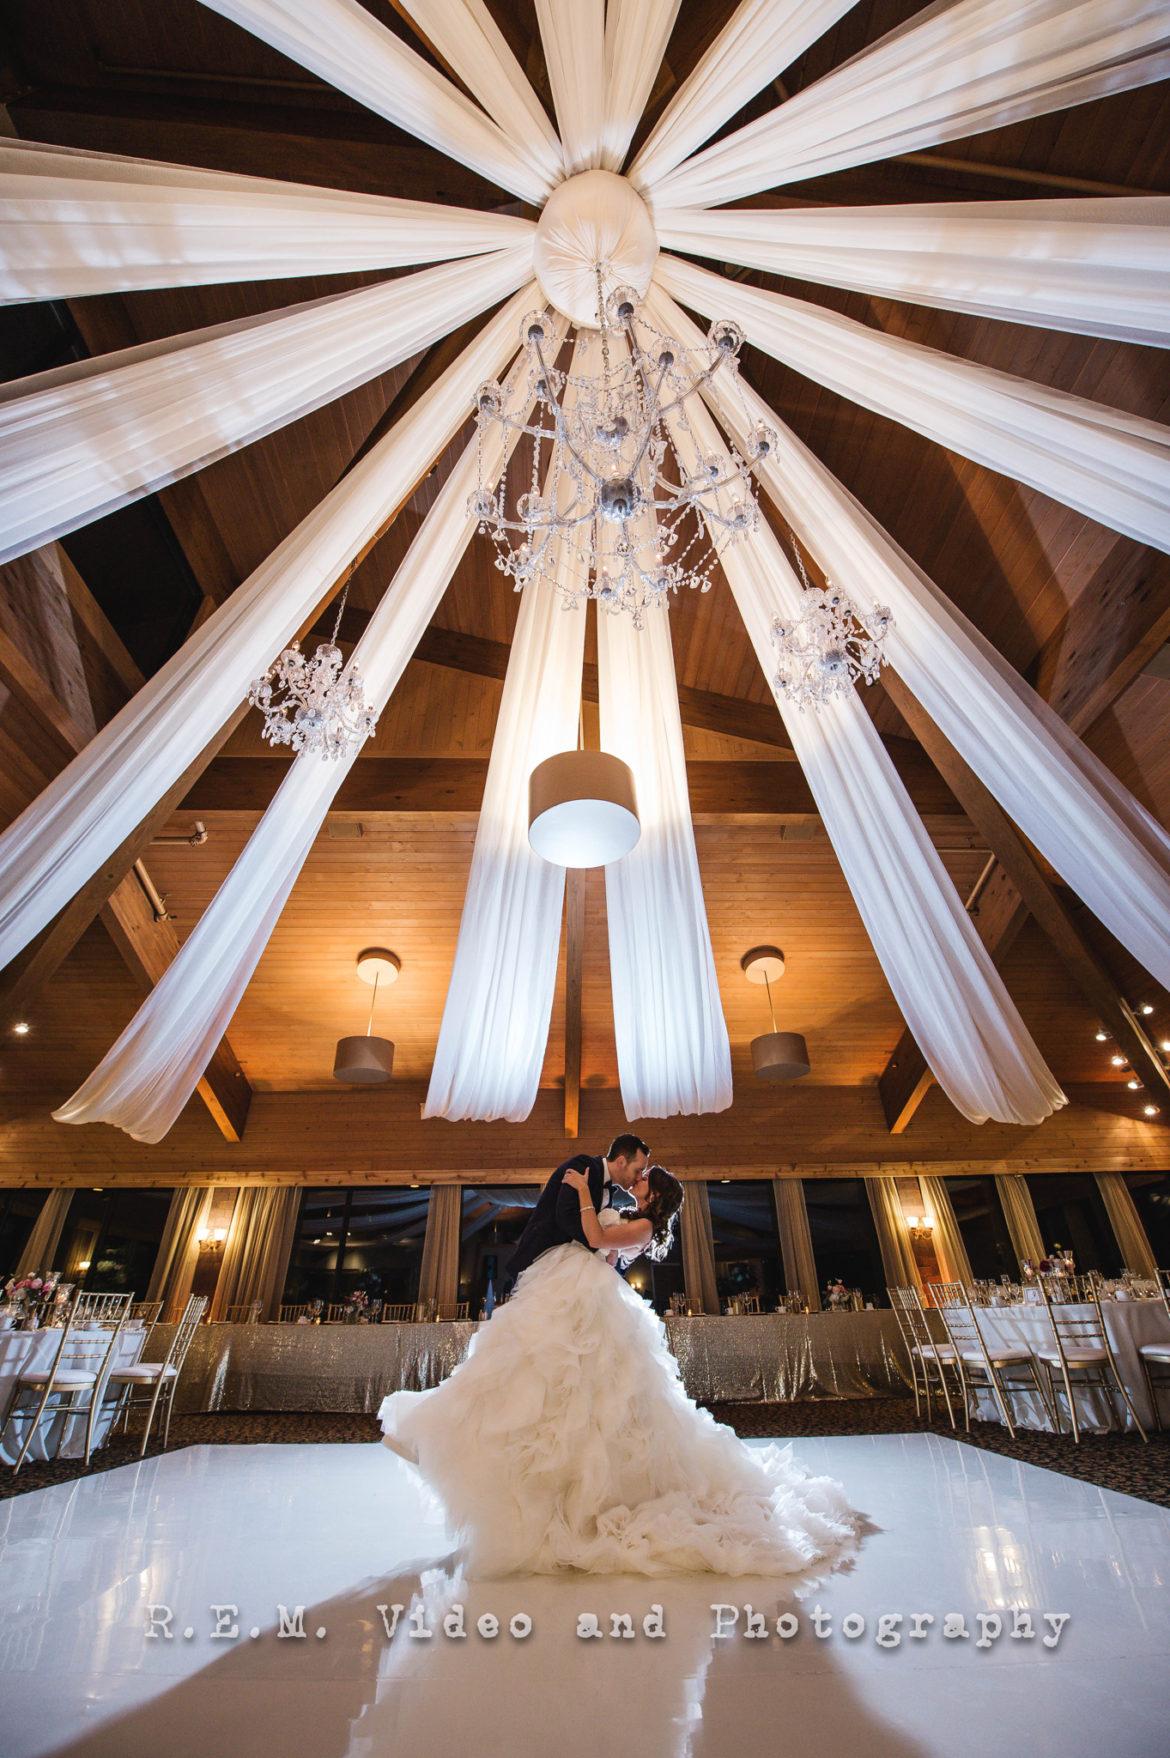 Elegant_Event_Lighting_Chicago_Kemper_-Lakes_Wedding_Ceiling_Canopy_Chandelier_White_Vinyl_Dance_Floor